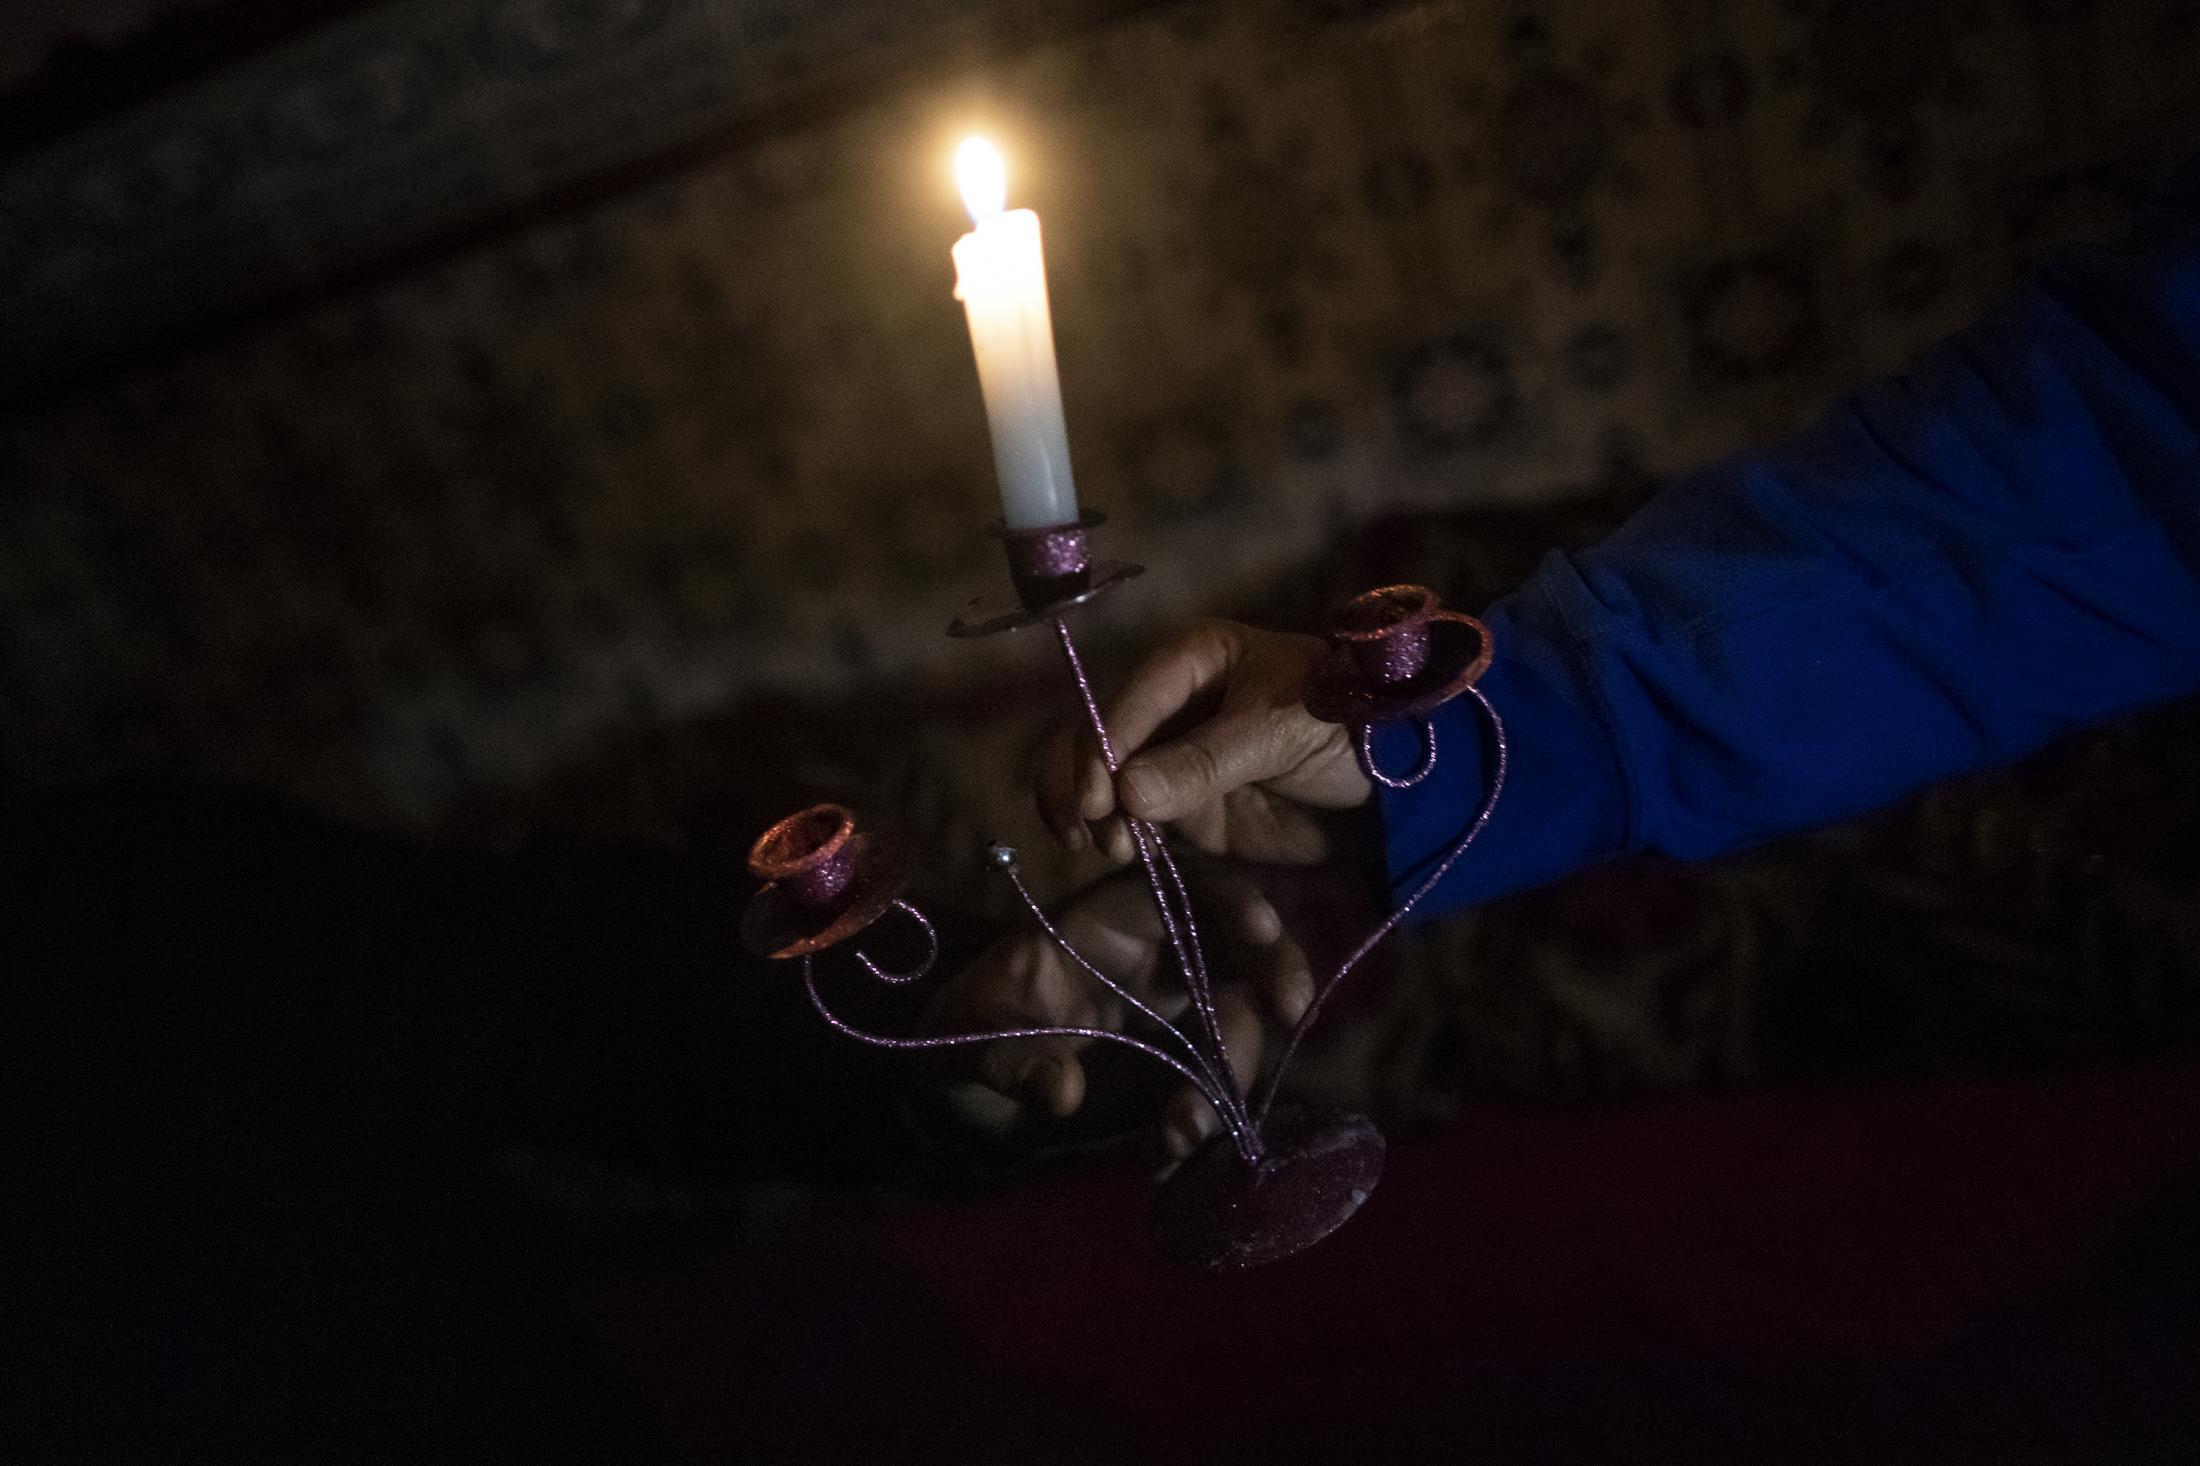 Naima le entrega a su marido Abdel-Asis una vela para poder iluminar dentro de su hogar situado en el Sector V de la Cañada Real